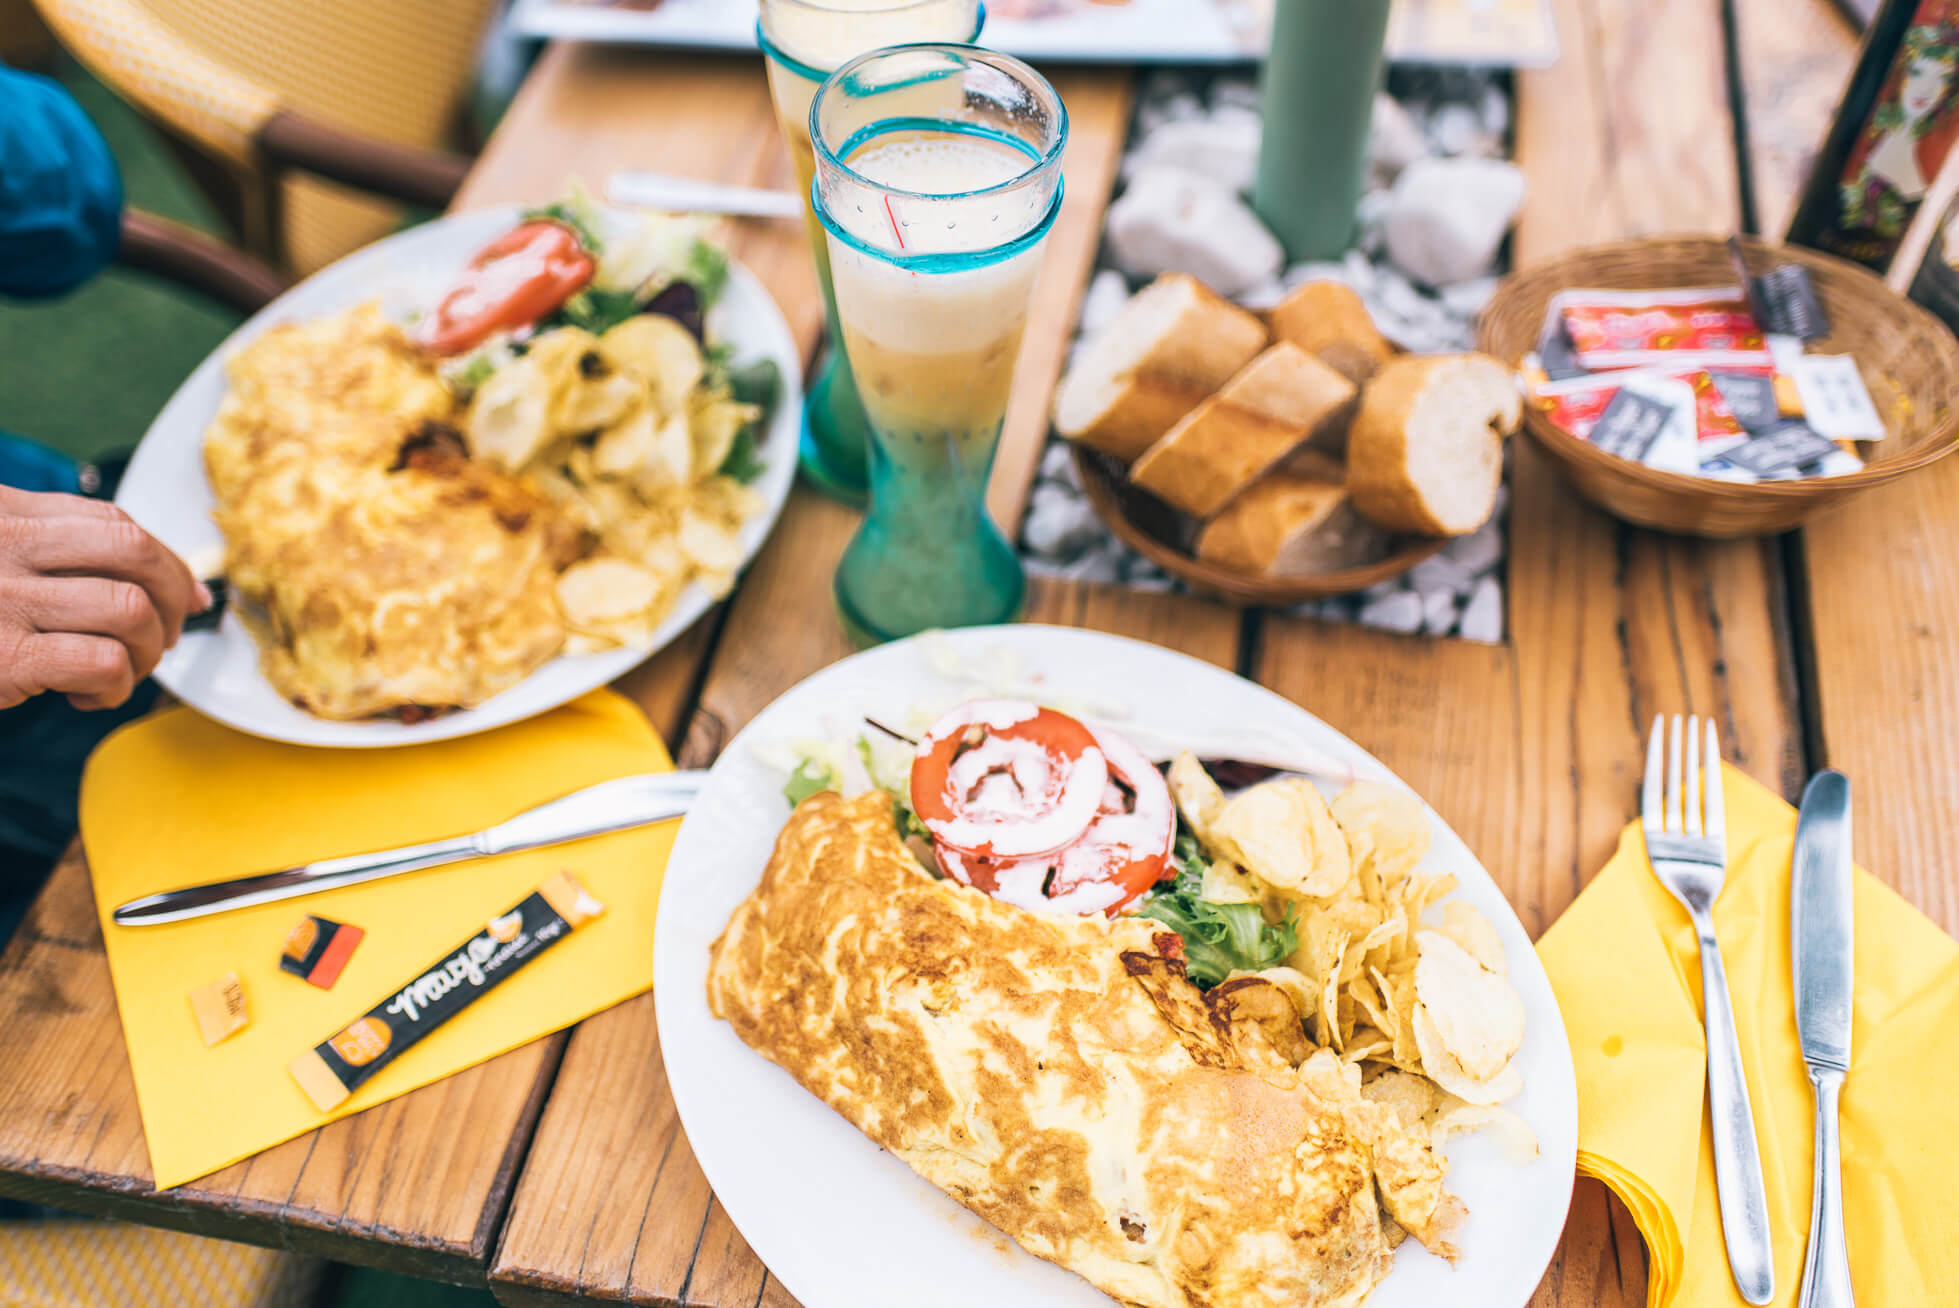 janni-deler-omelette-monacoDSC_8998